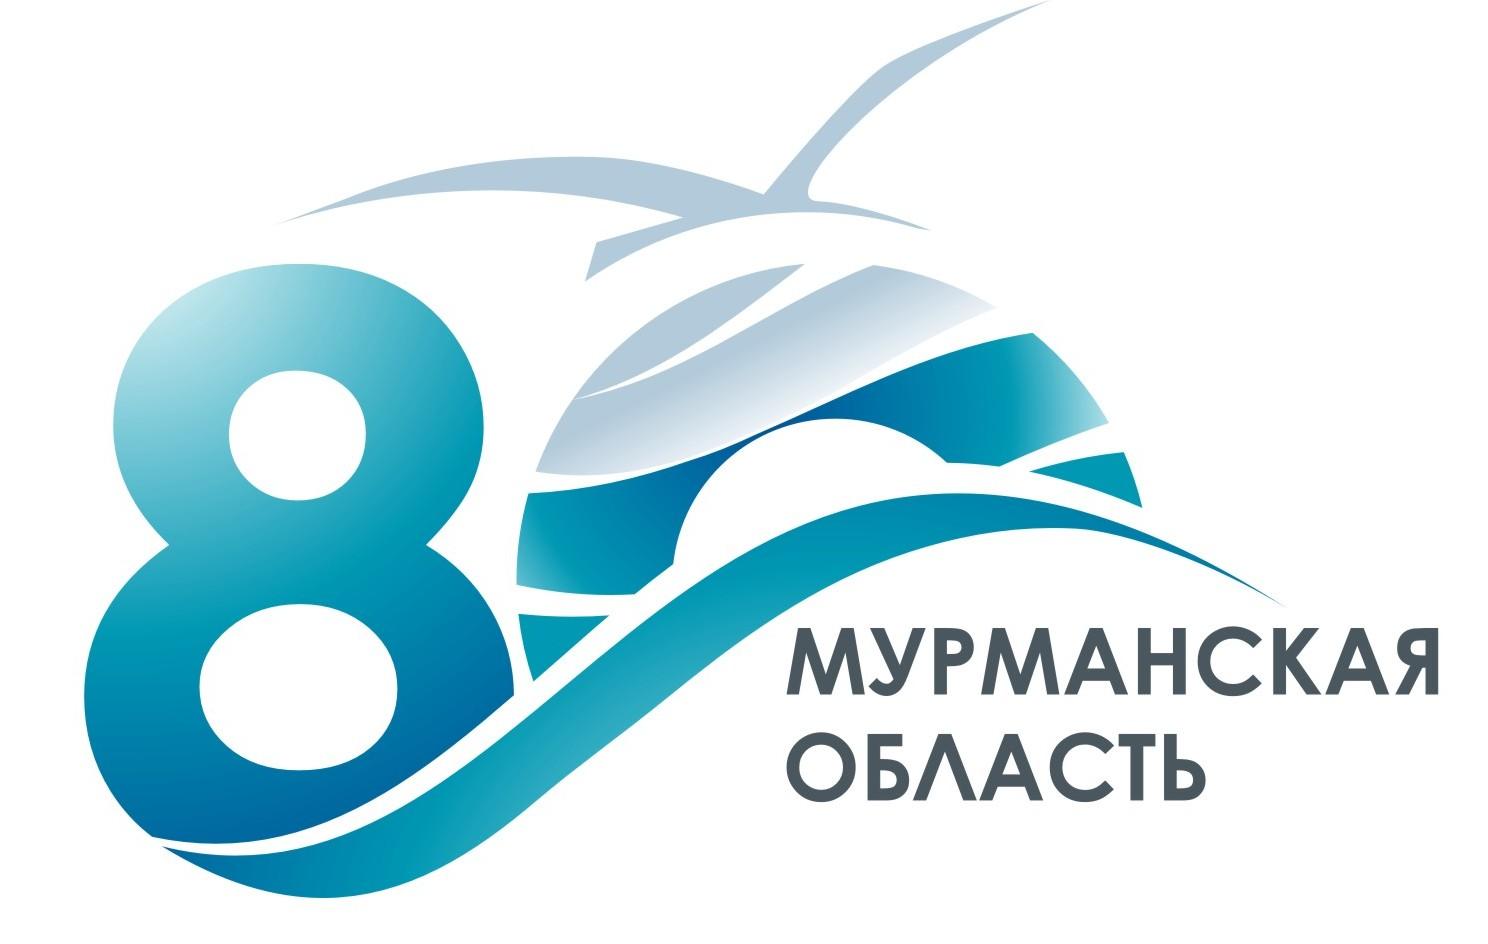 Программа празднования 80-летия со дня образования Мурманской области